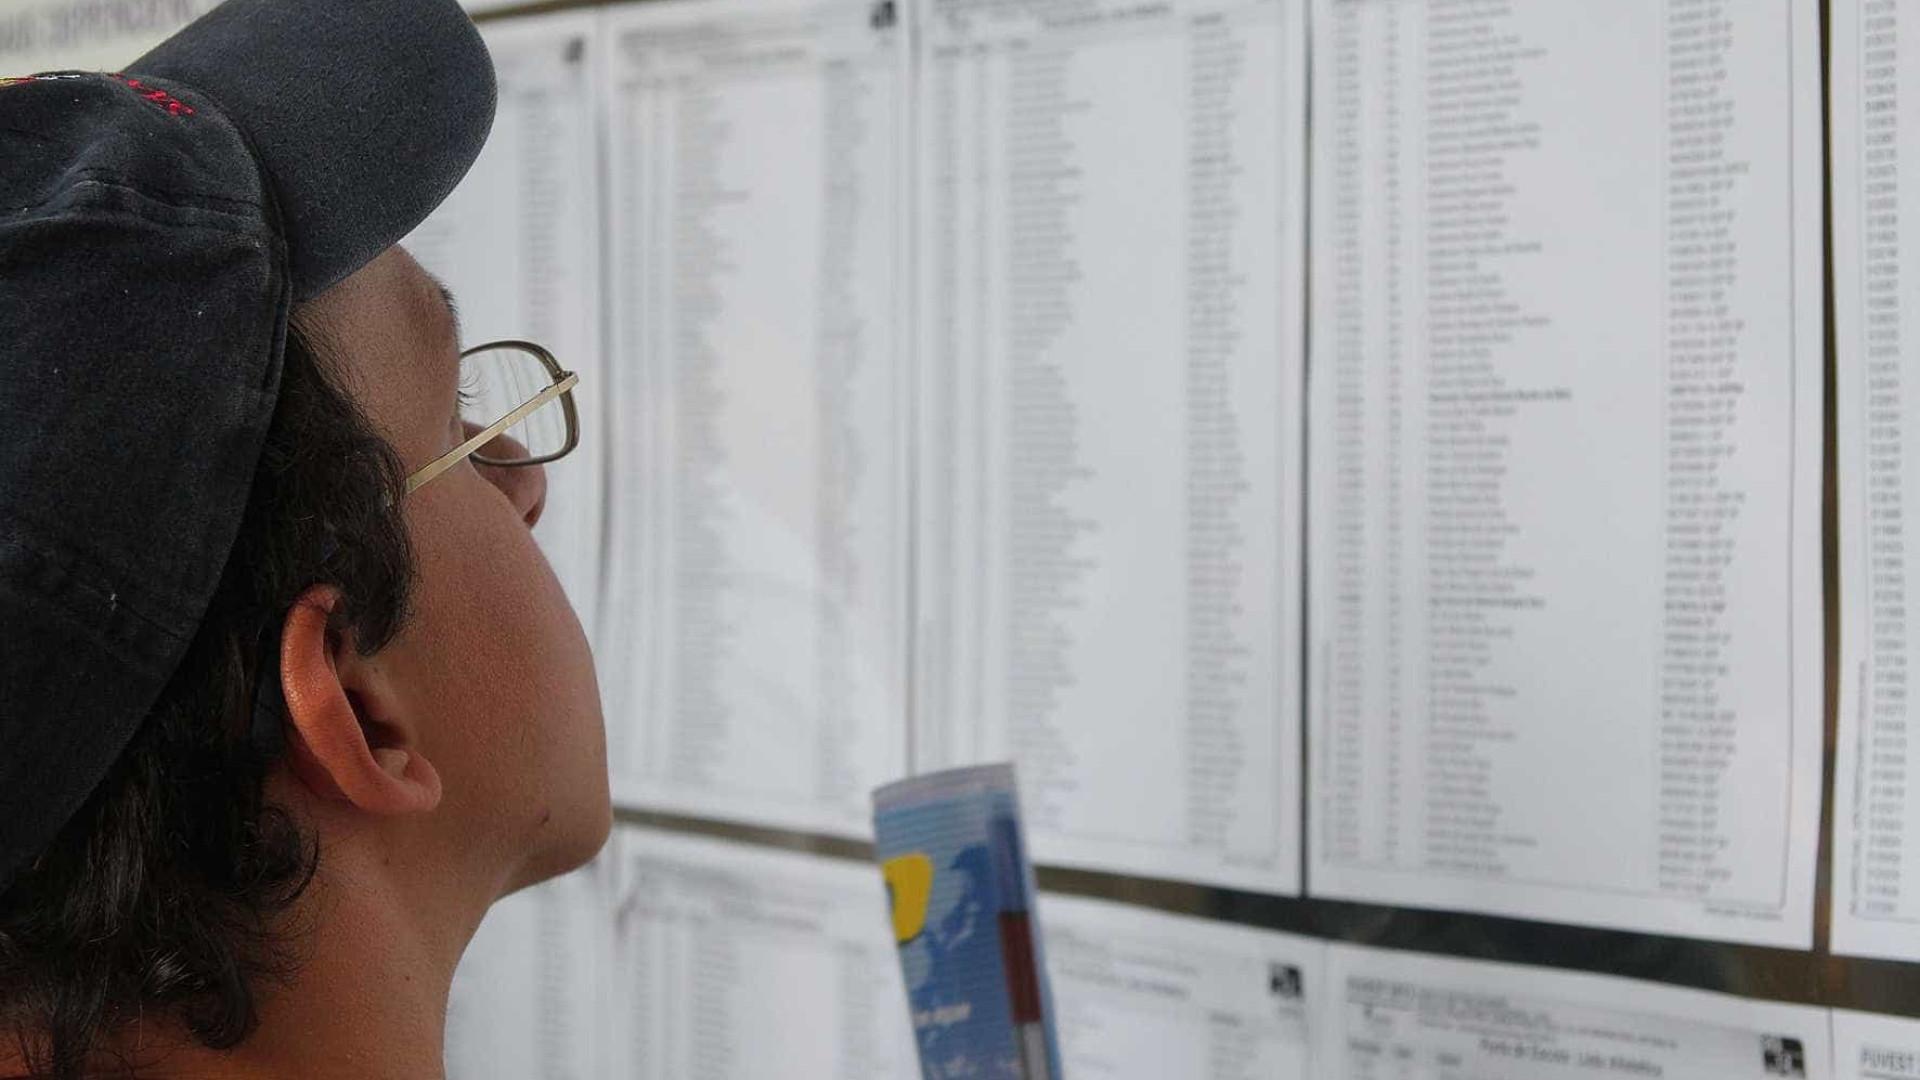 Mais de 83 mil candidatos fazem 1ª fase do vestibular da Unicamp hoje